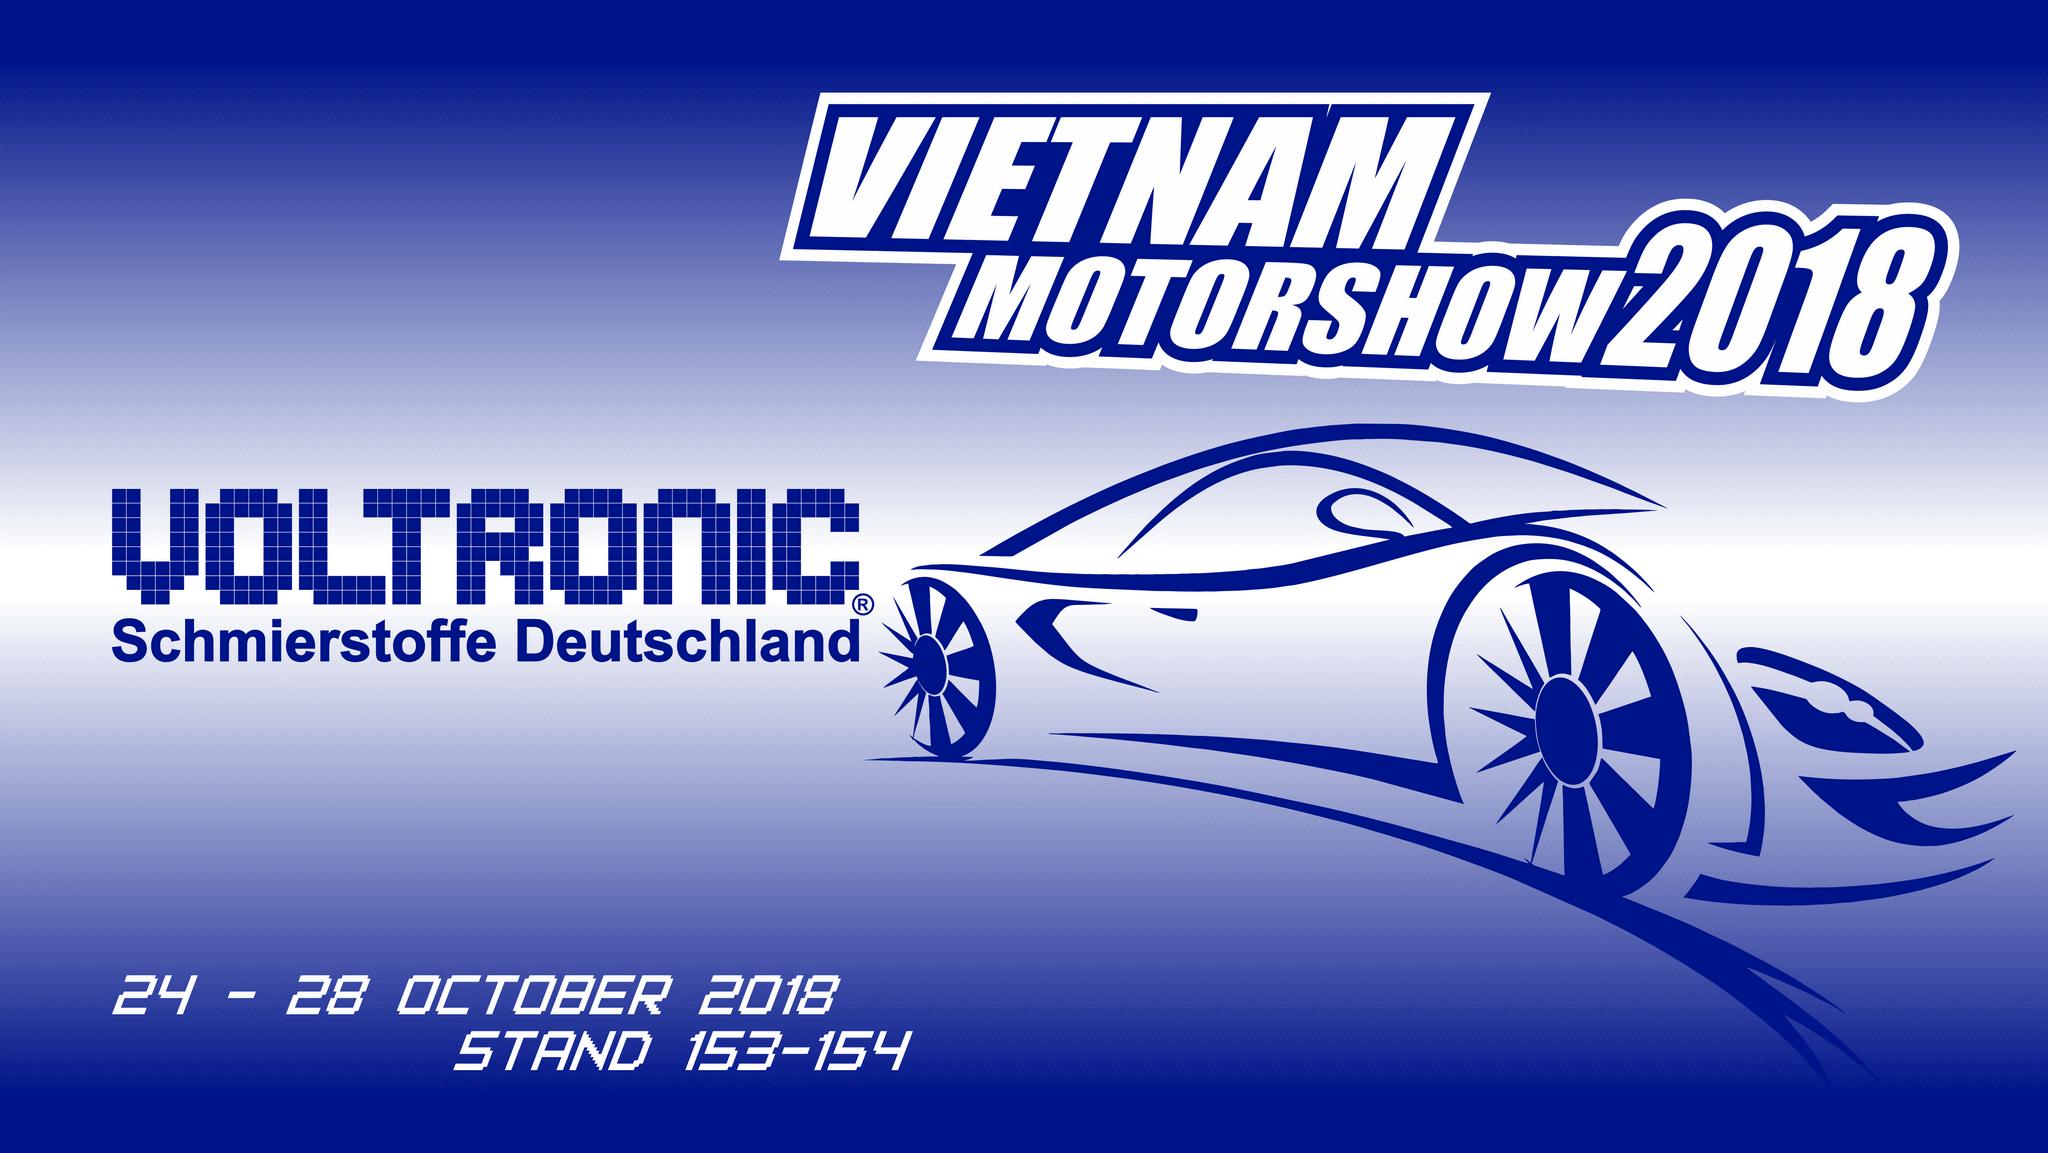 Vietnam Motorshow 2018